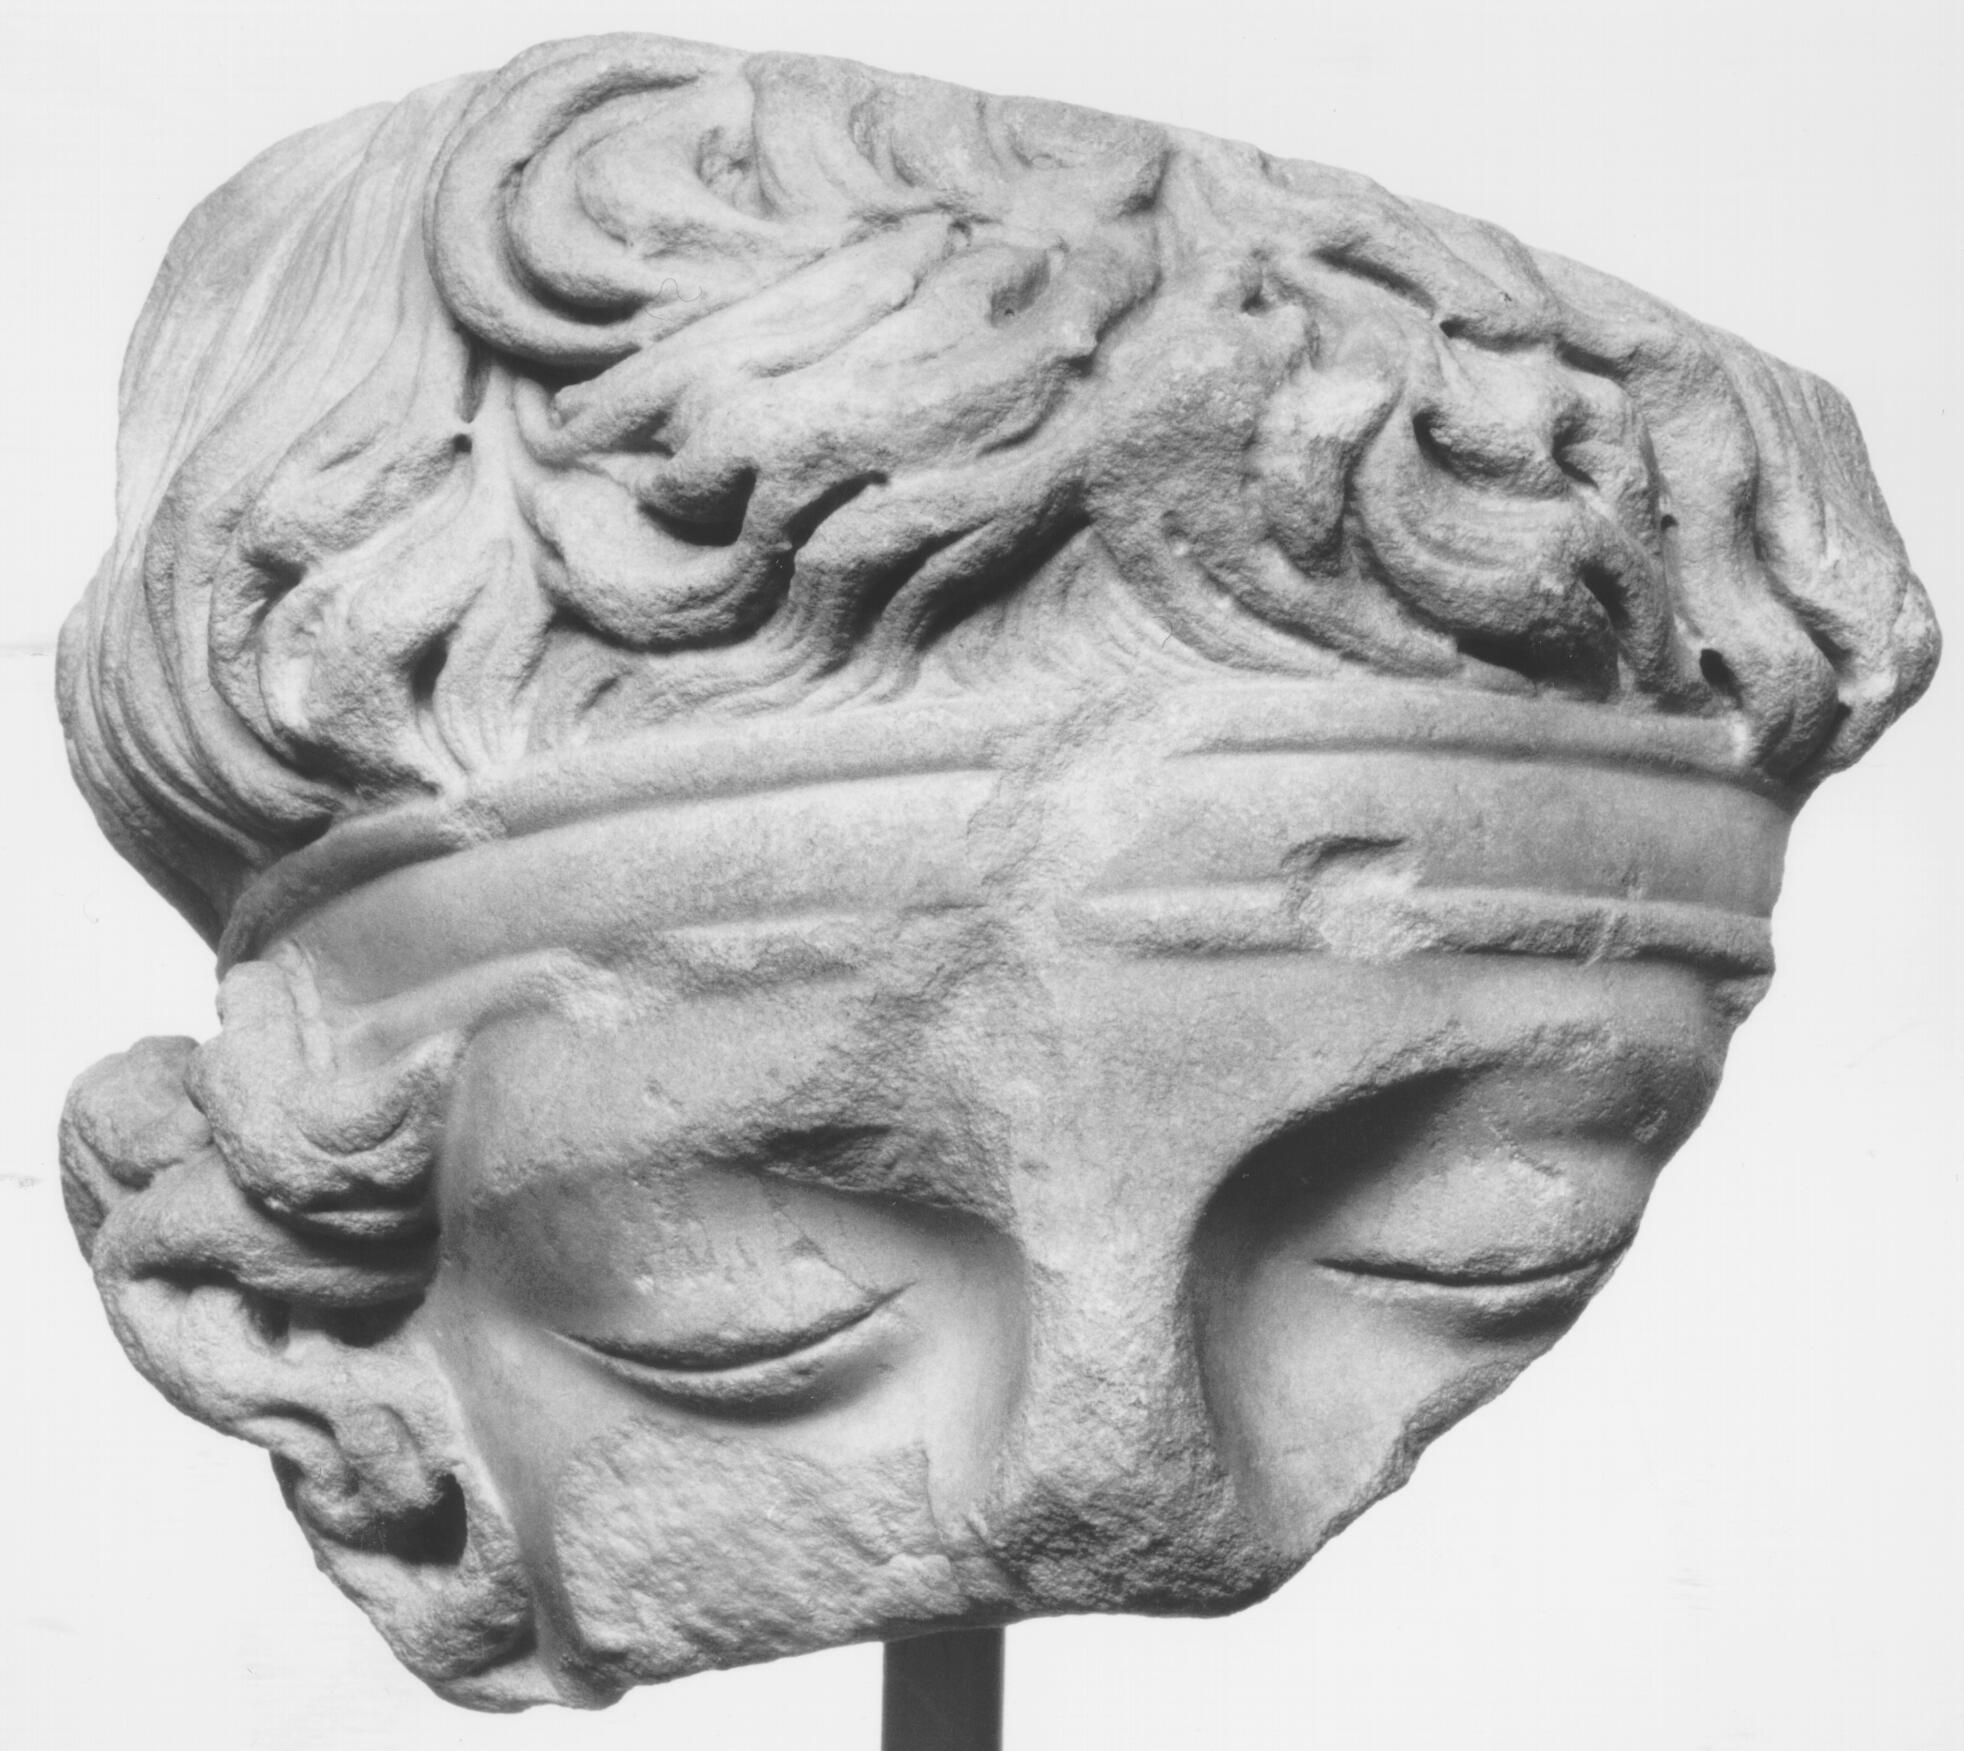 Ifjúfej töredéke, Kr. u. 2. század